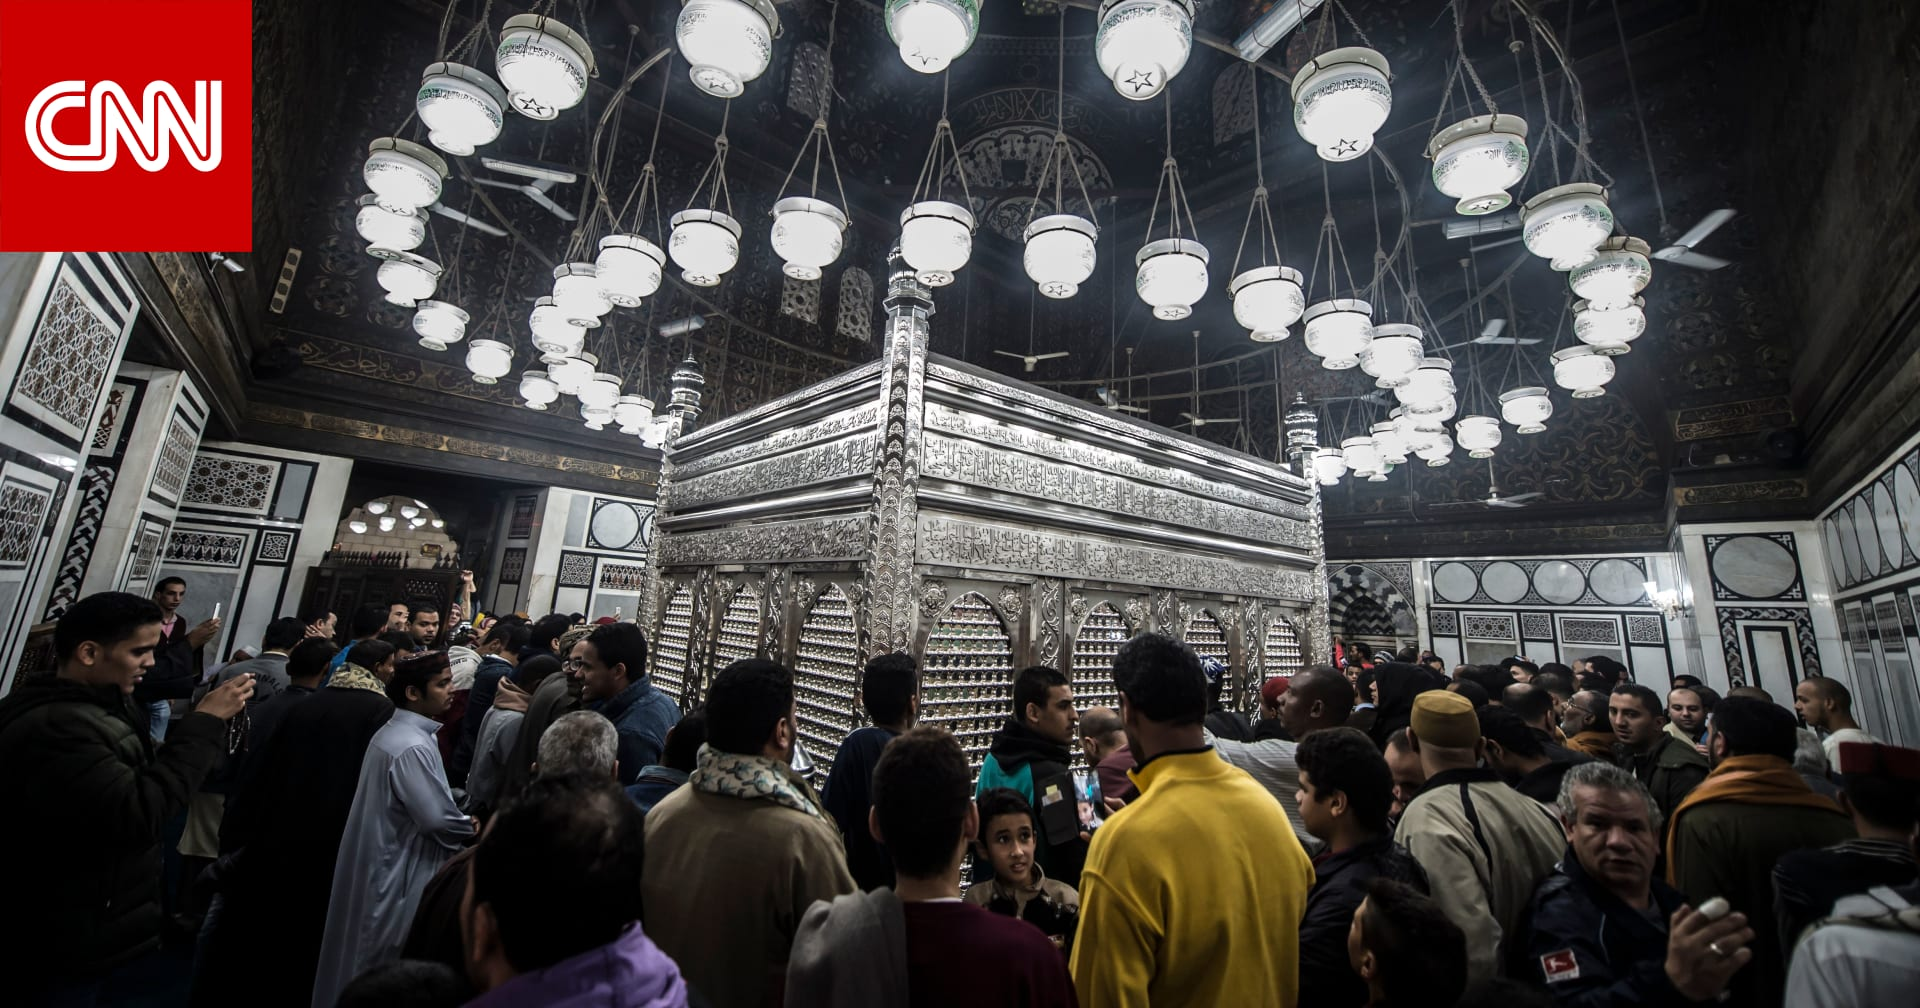 وسط الاختلاف حوله.. افتاء مصر تعرض دليل جواز الاحتفال بالمولد النبوي